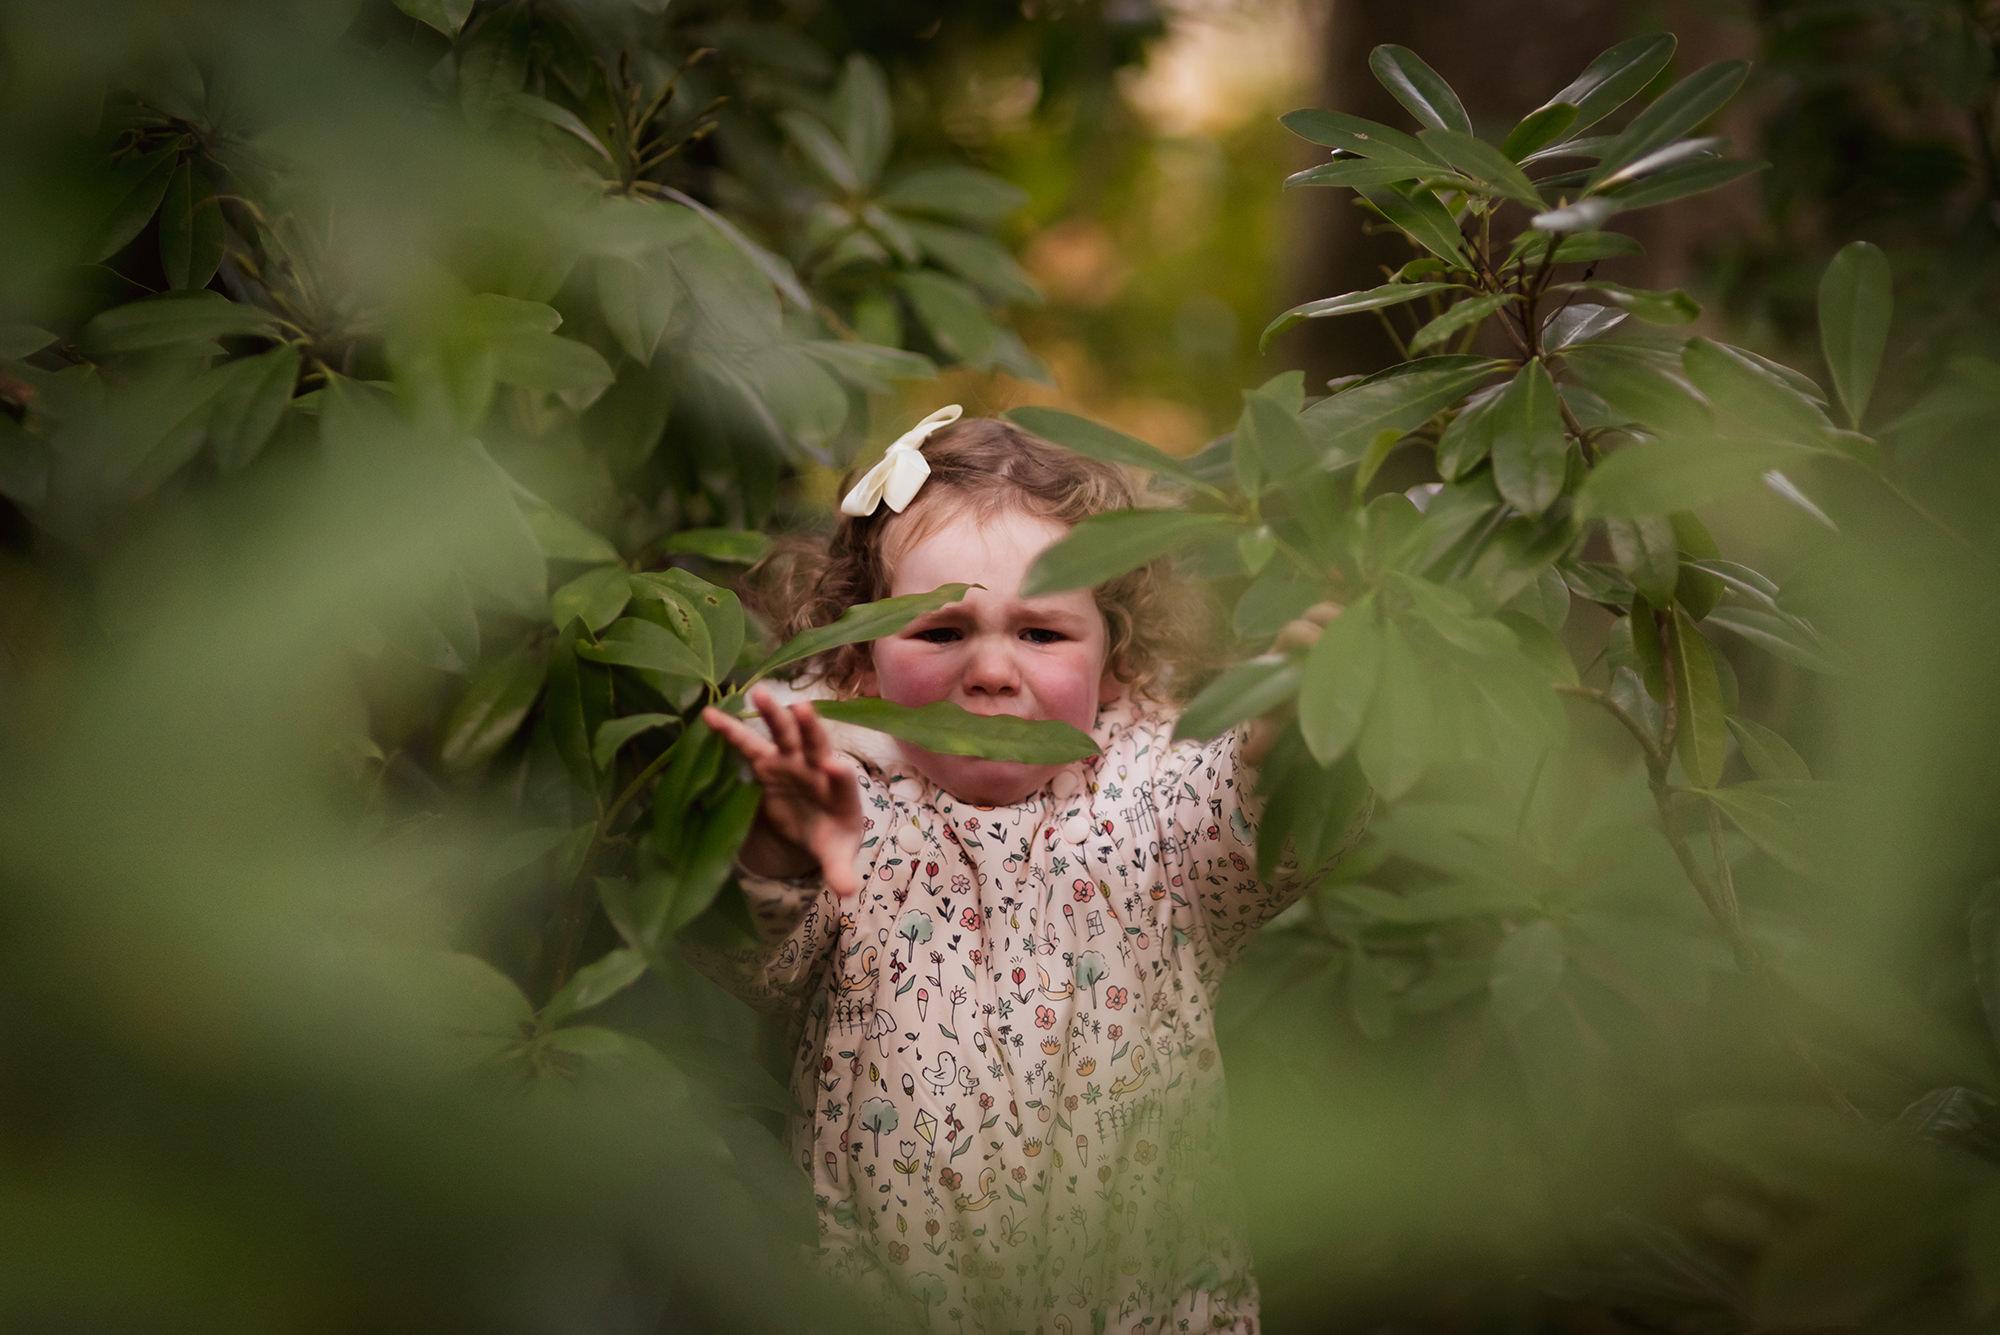 children photographer glasgow